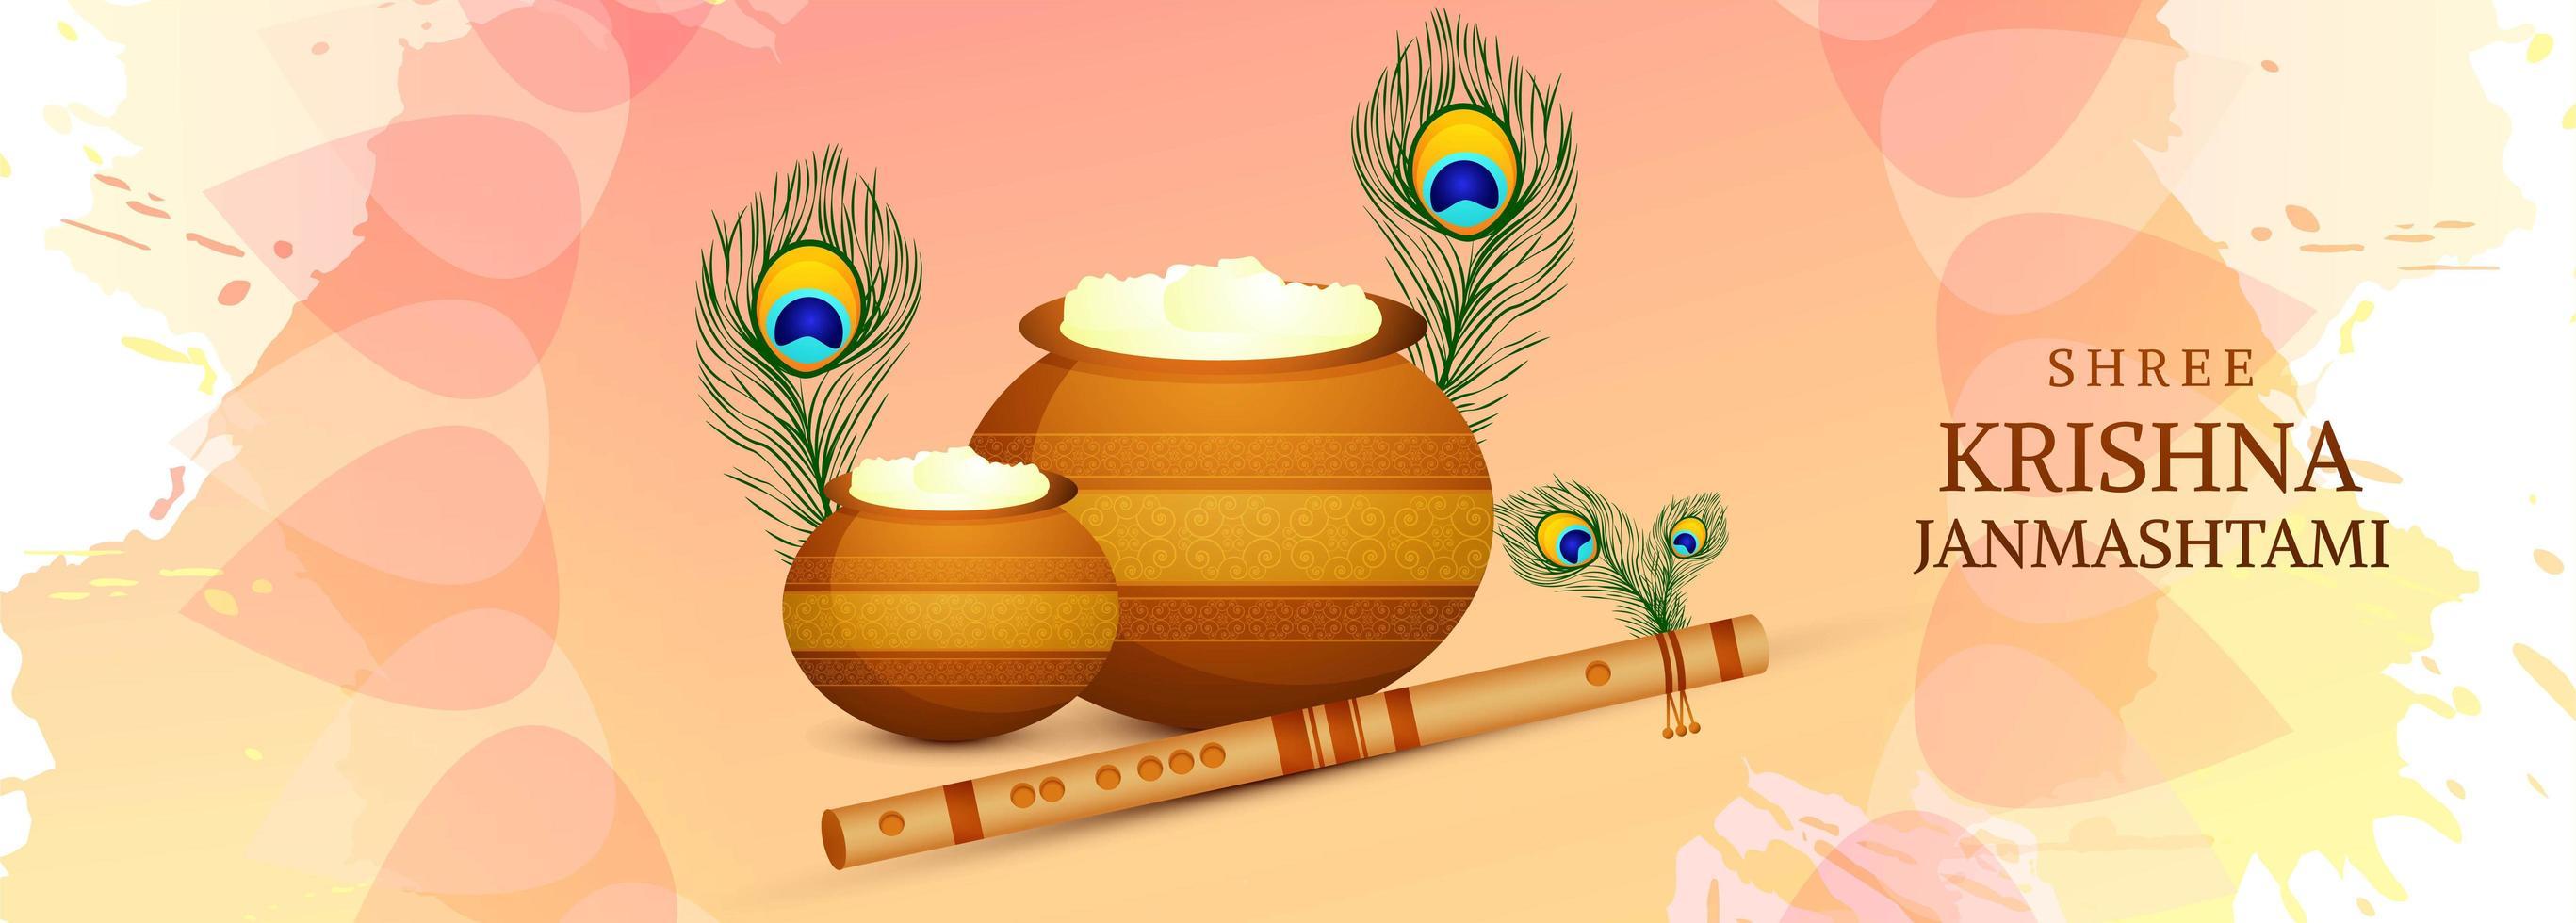 lyckligt krishna janmashtami-kort med fjädrar och krukor vektor